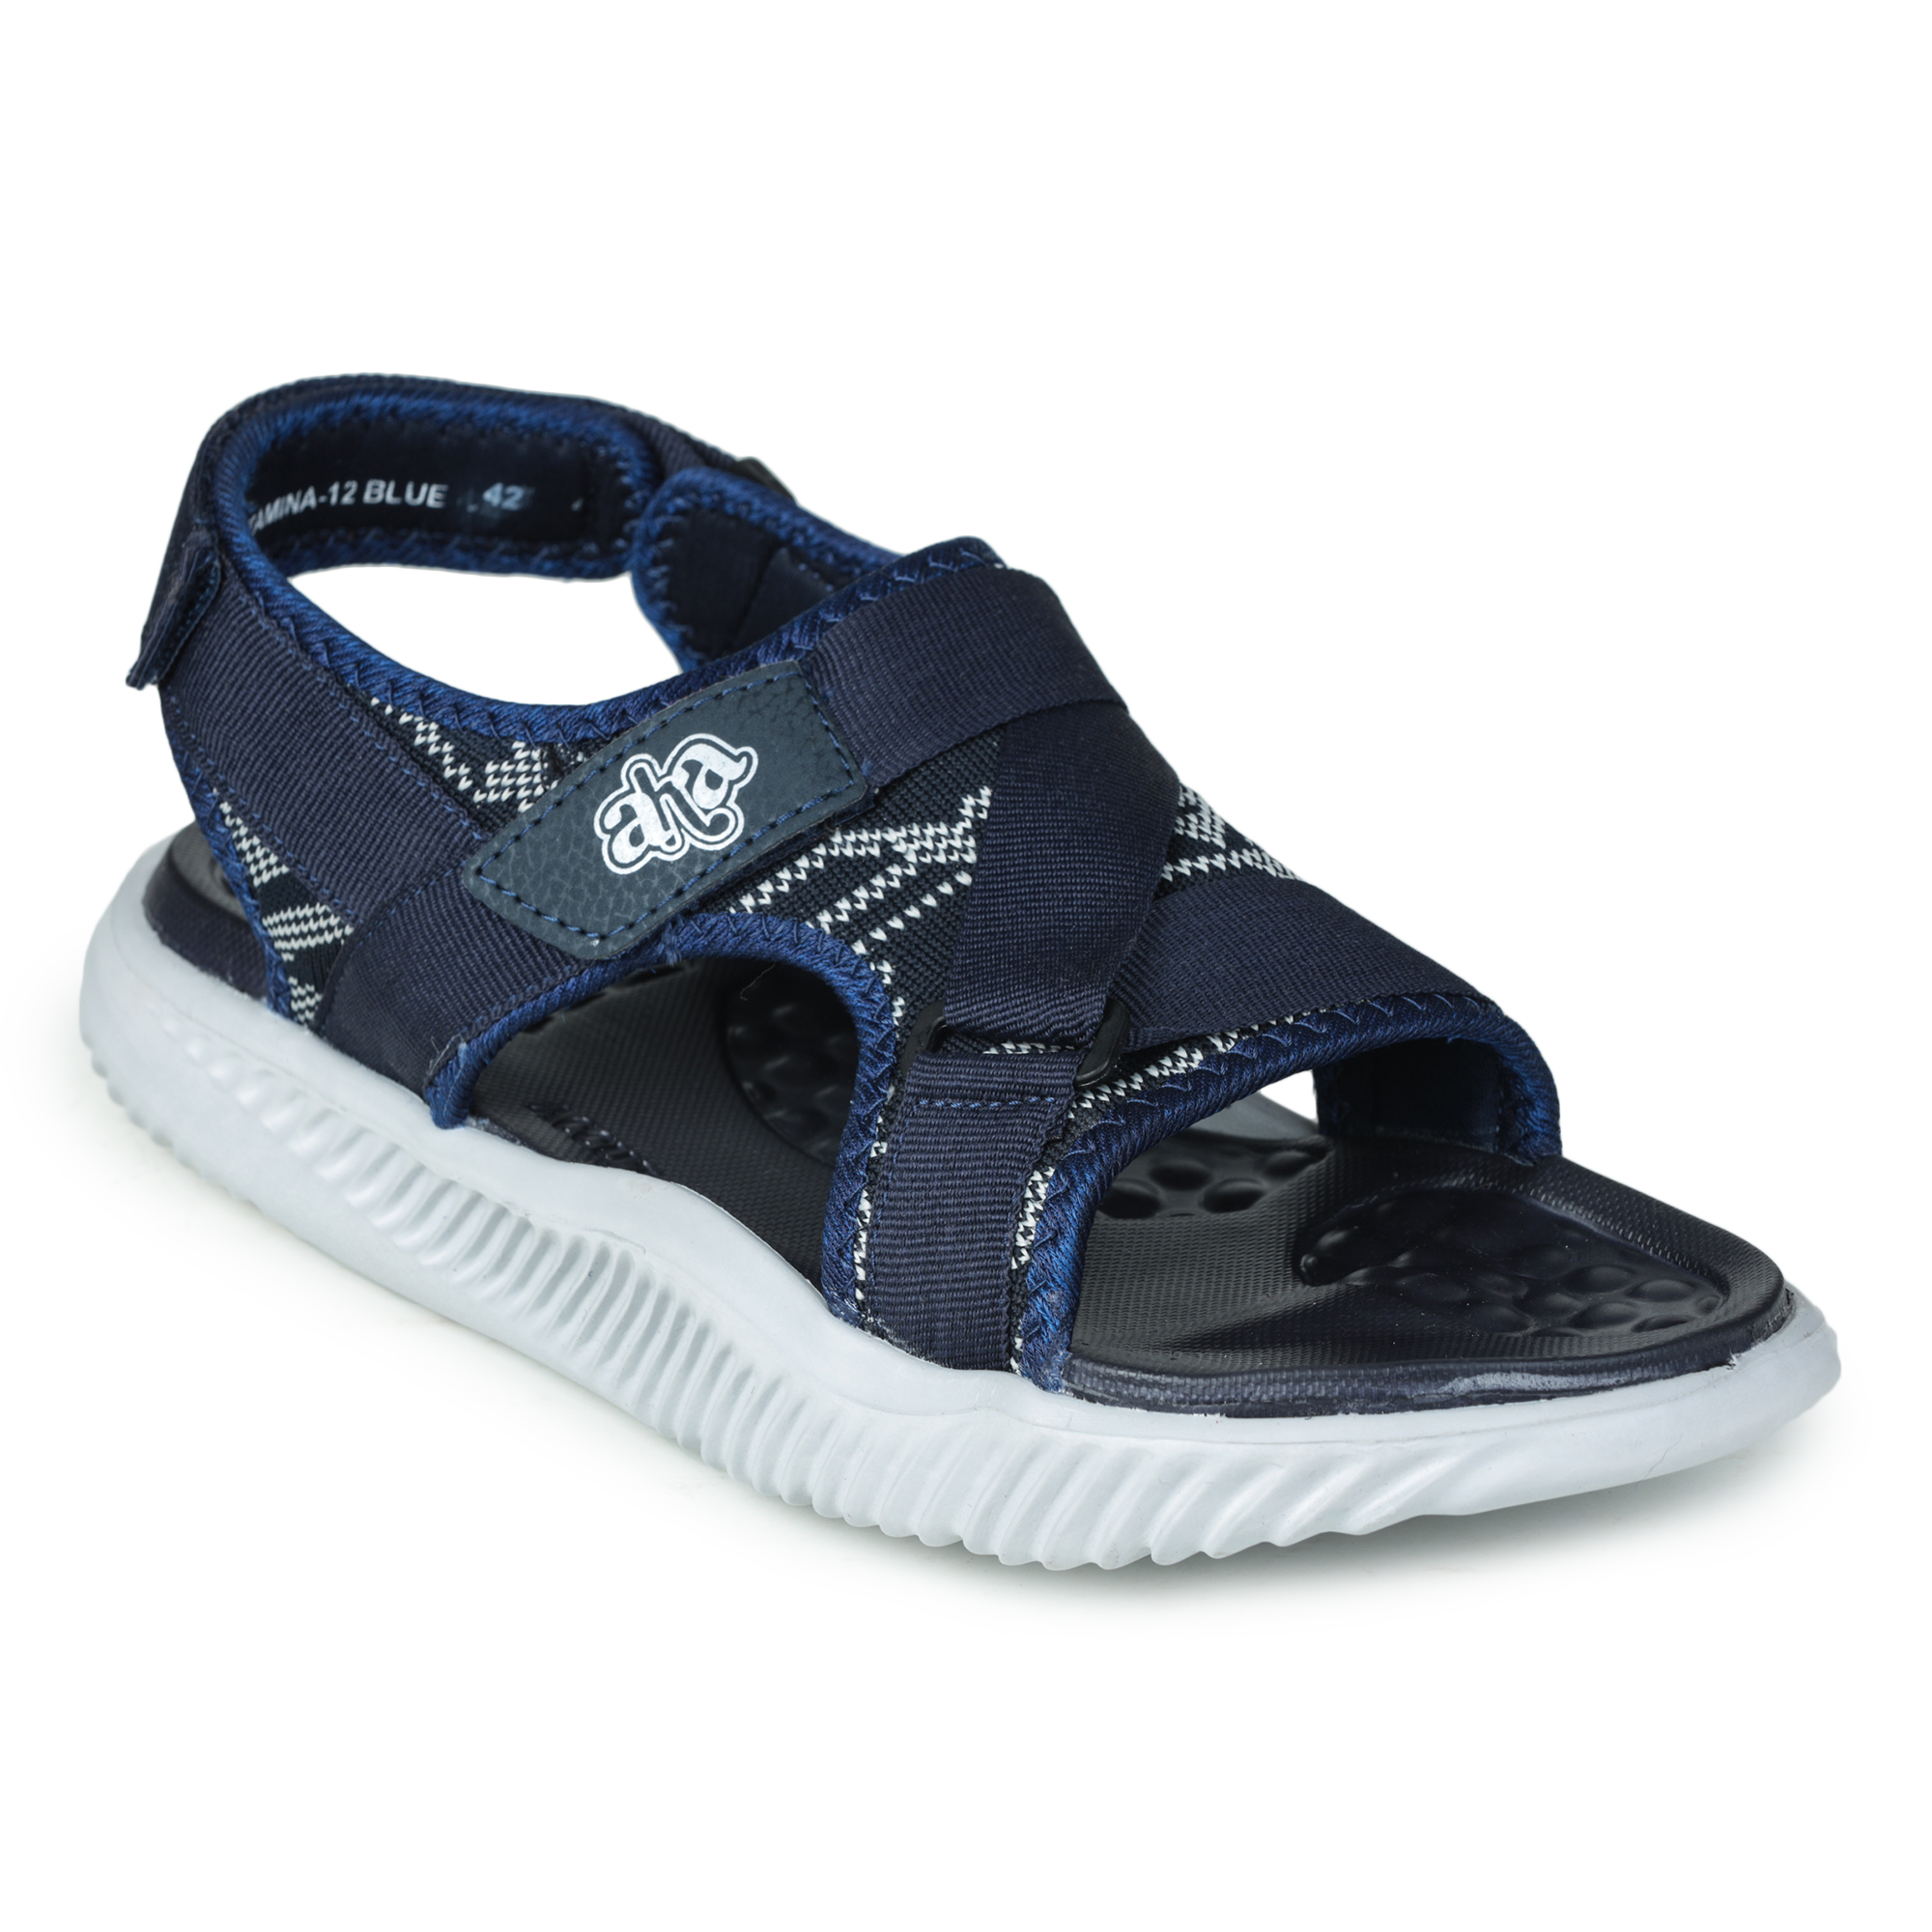 Liberty   Liberty A-HA Sandals STAMINA-12_BLUE For - Men